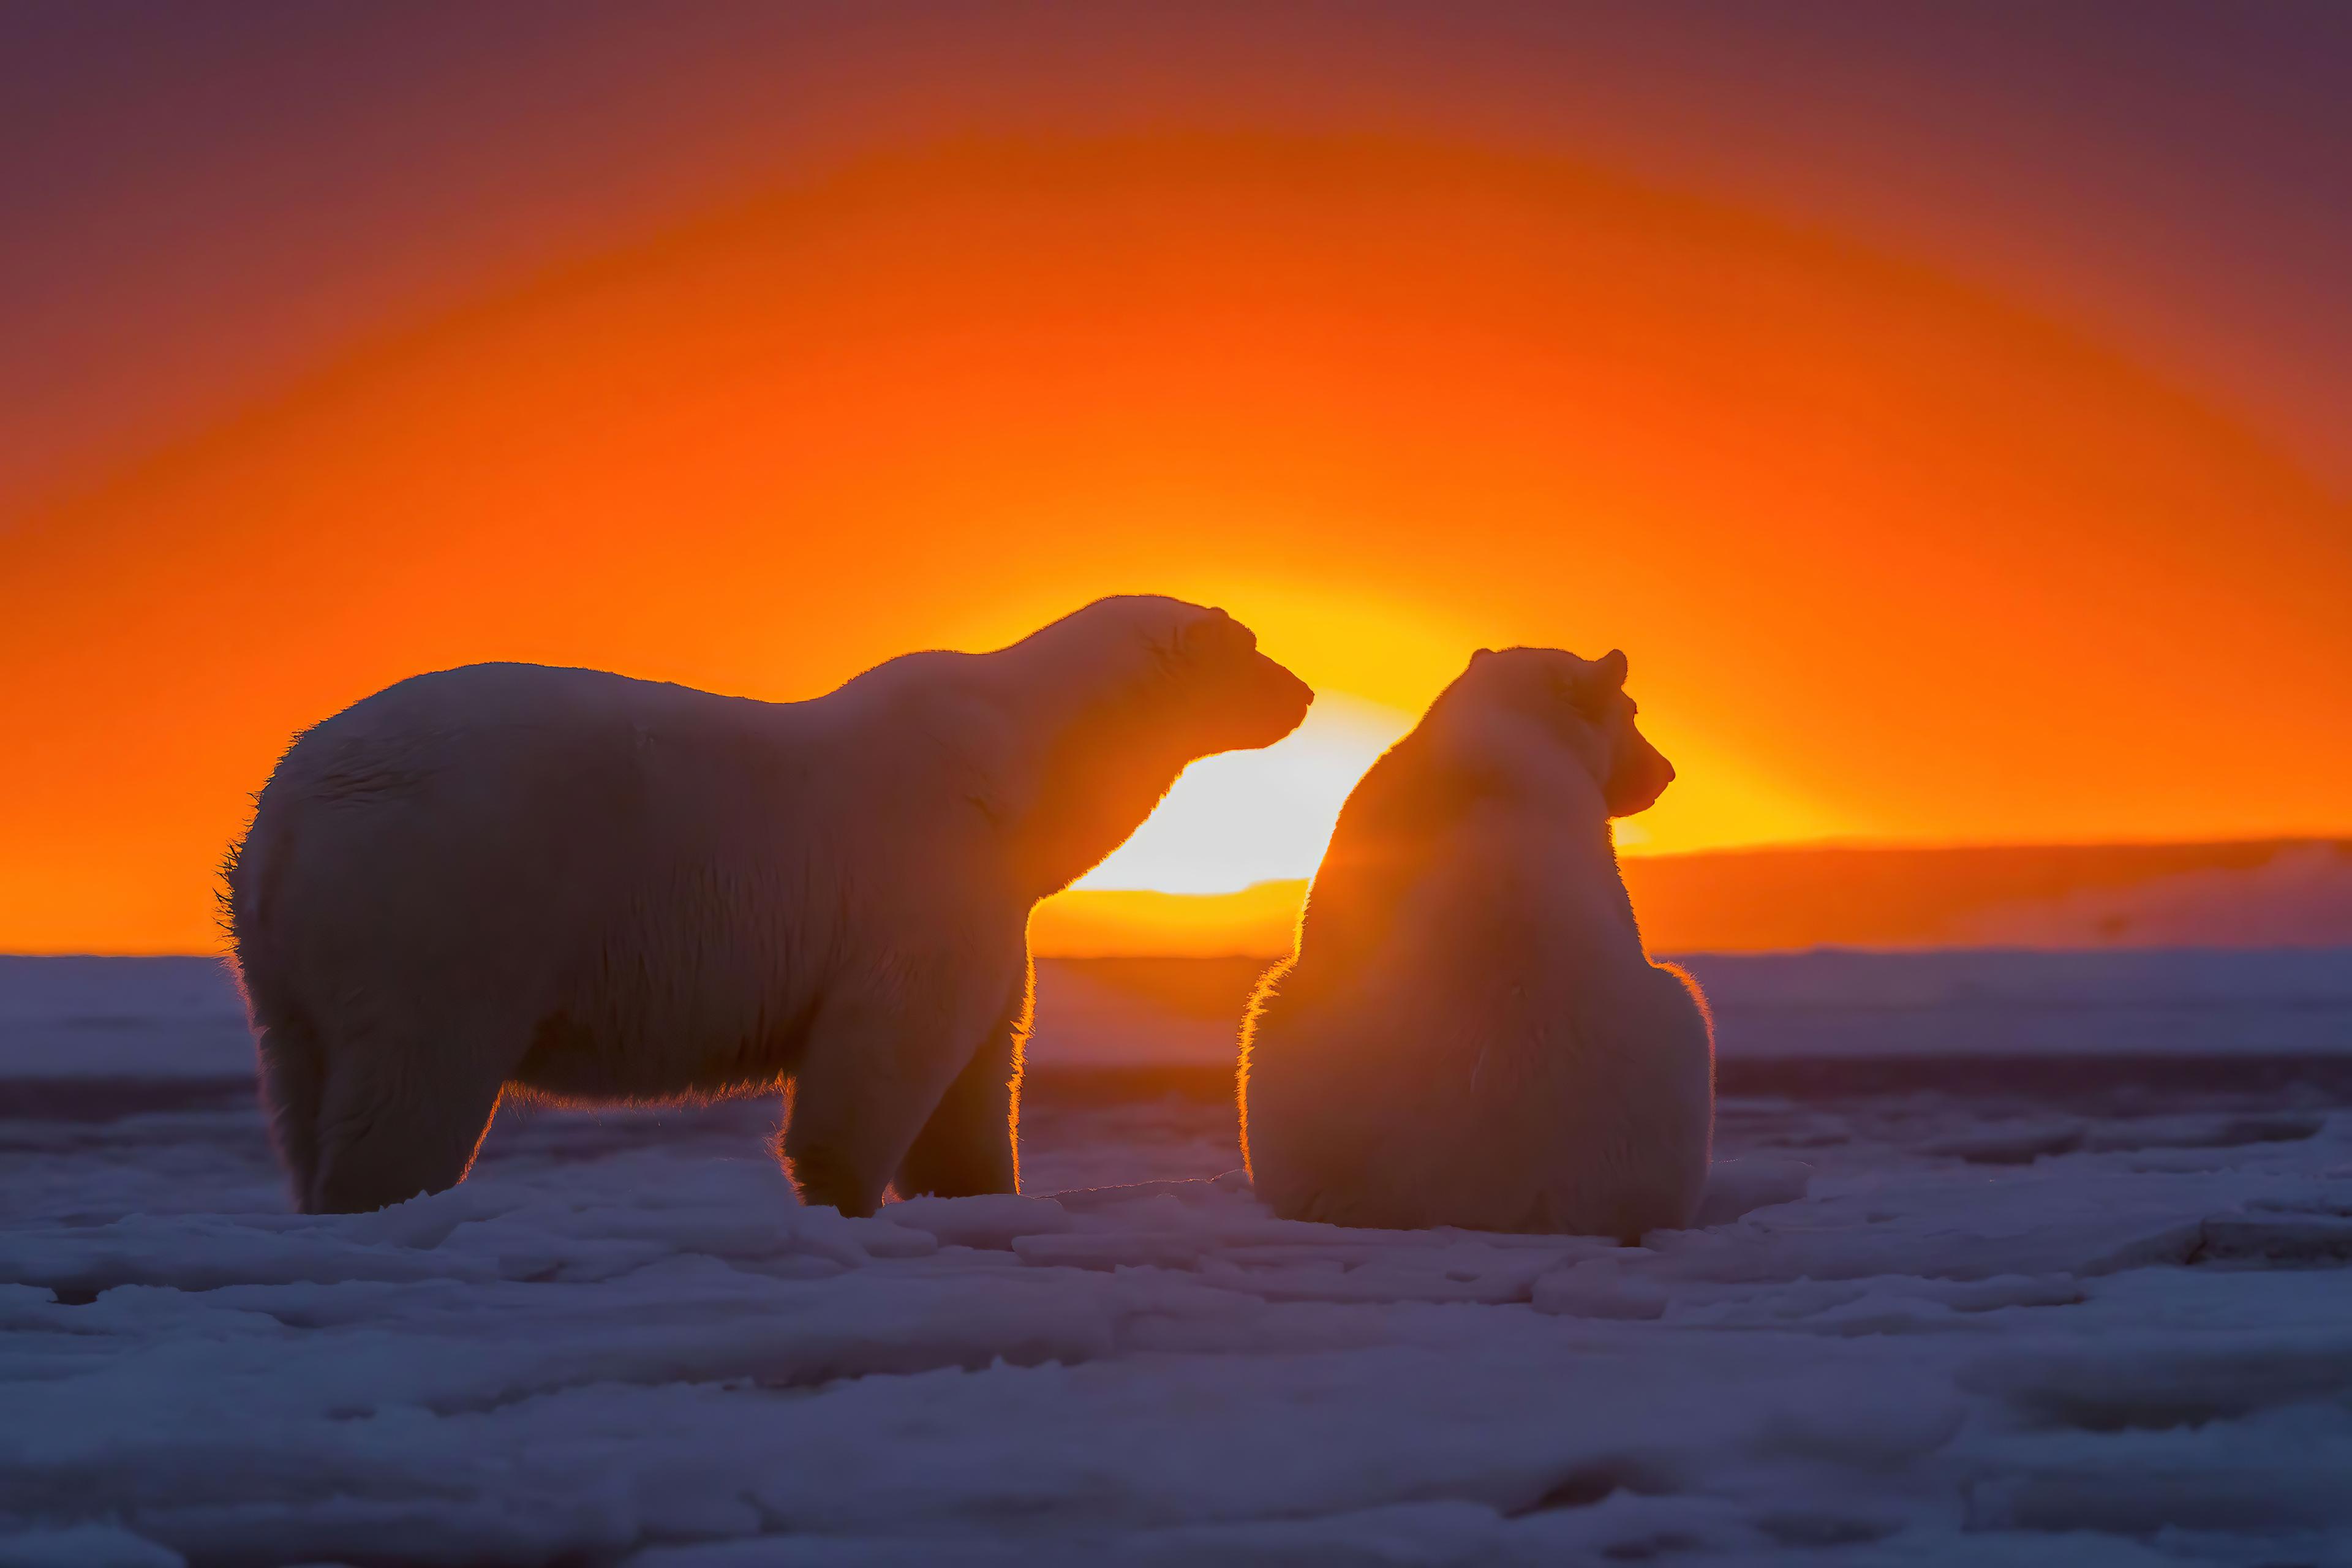 two polar bears watching sunset 4k 1615884666 - Two Polar Bears Watching Sunset 4k - Two Polar Bears Watching Sunset 4k wallpapers